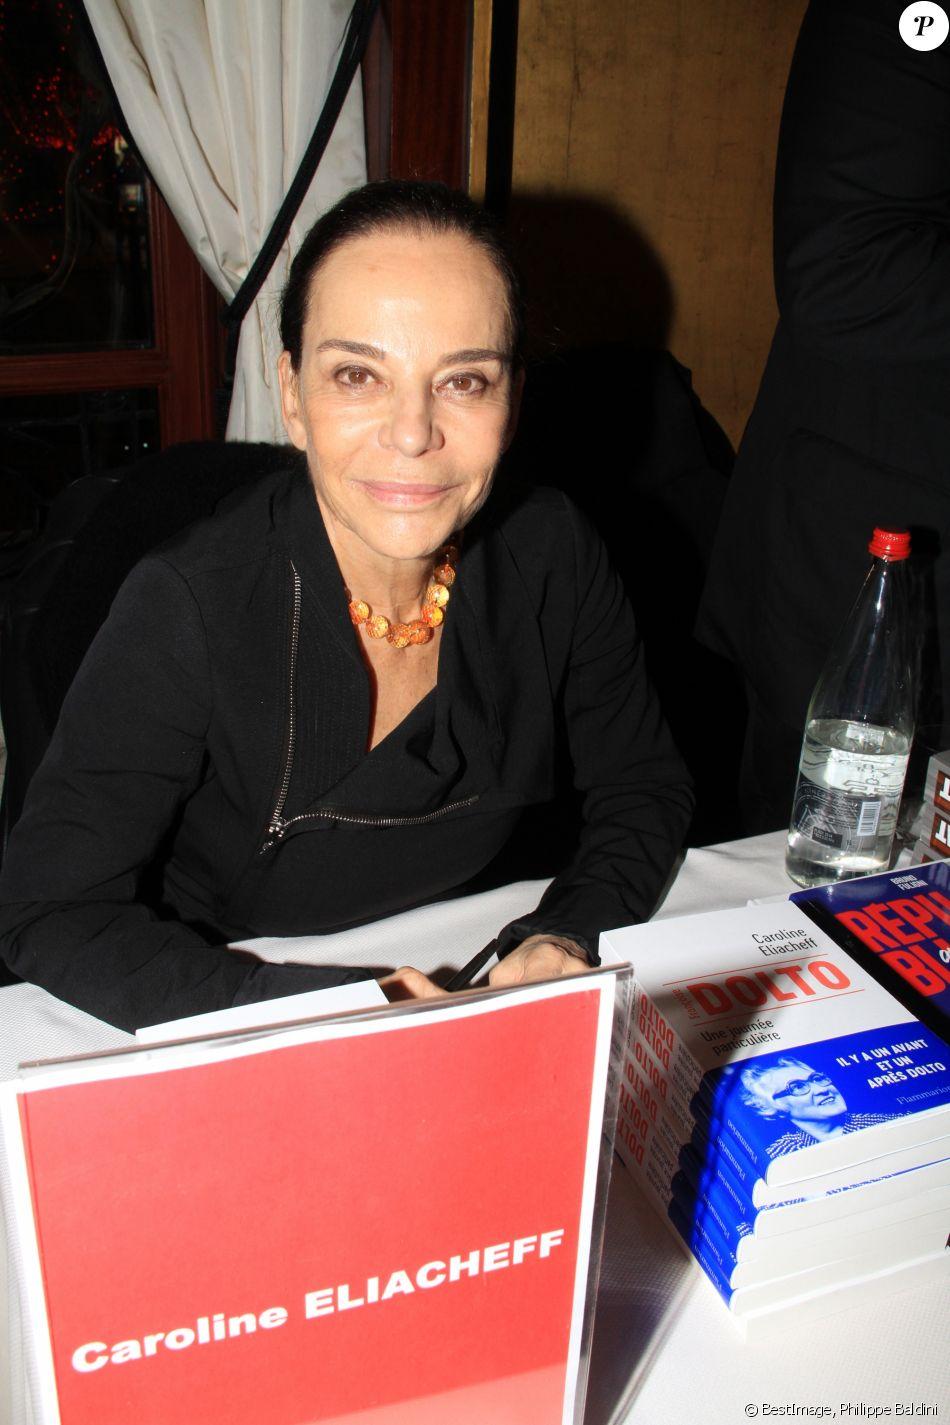 Caroline Eliacheff lors de la soirée du 41ème cocktail des écrivains du Cercle MBC dans les salons du Fouquet's à Paris, France, le 28 novembre 2018. © Philippe Baldini/Bestimage